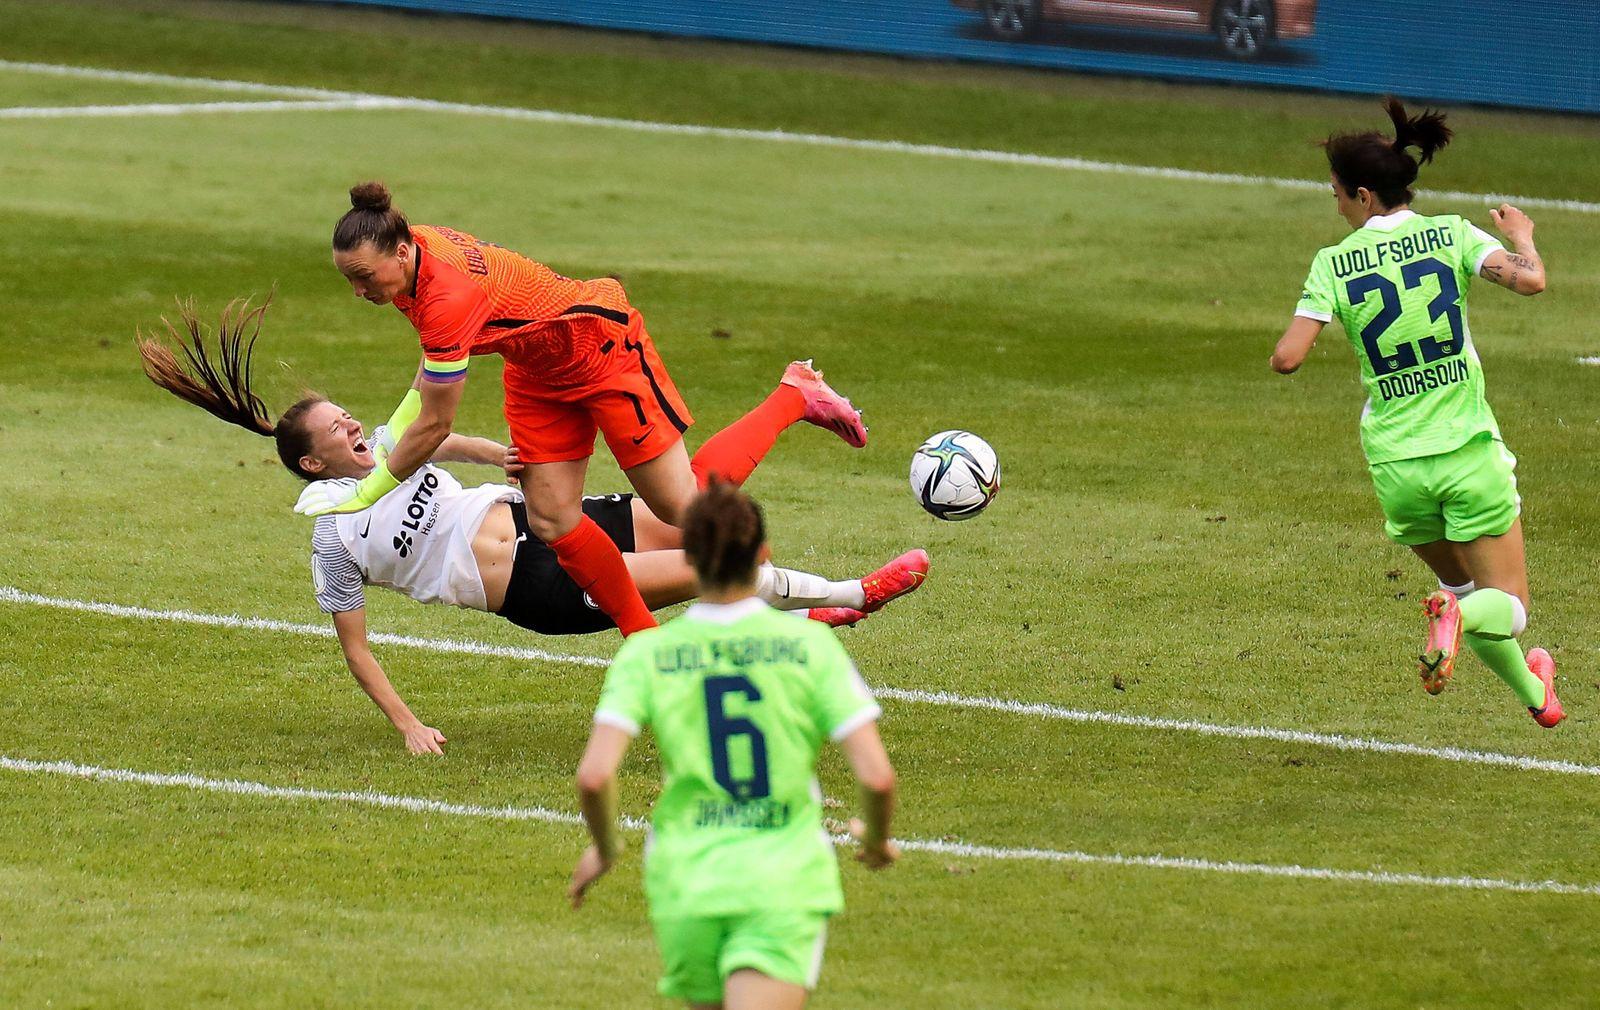 30.05.2021, xmkx, Fussball DFB Pokalfinale Frauen, Eintracht Frankfurt - VfL Wolfsburg v.l. Foul zum roten Karte gegen A